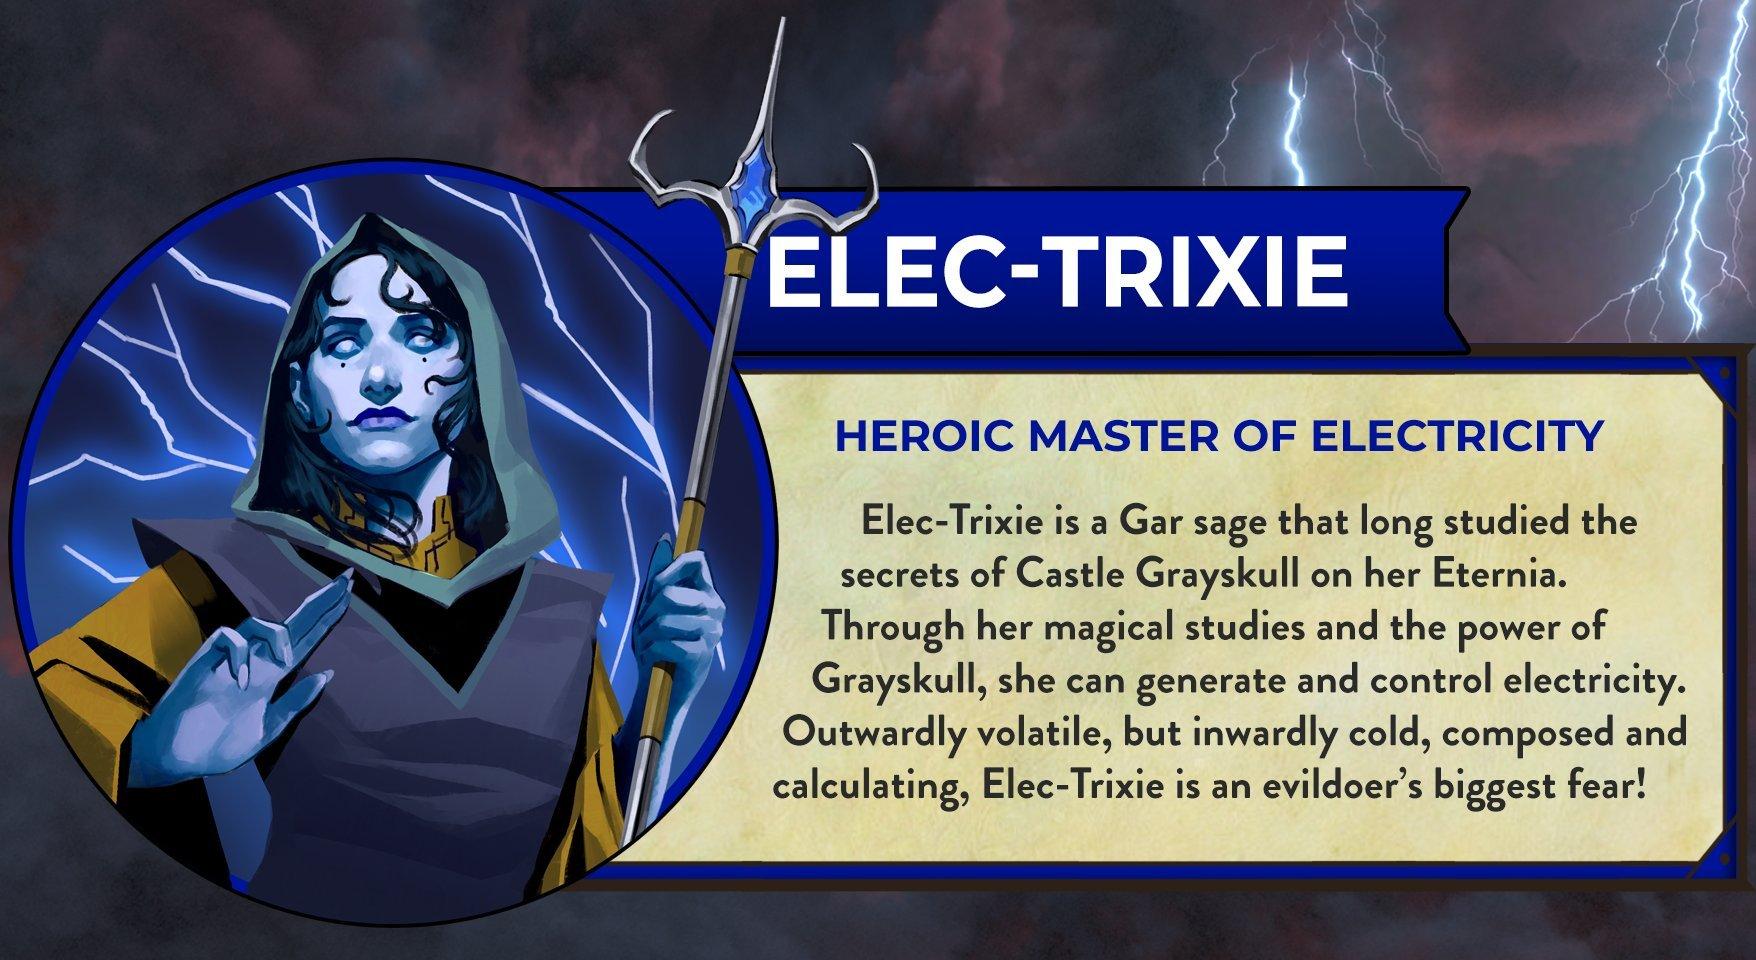 Elec-Trixie